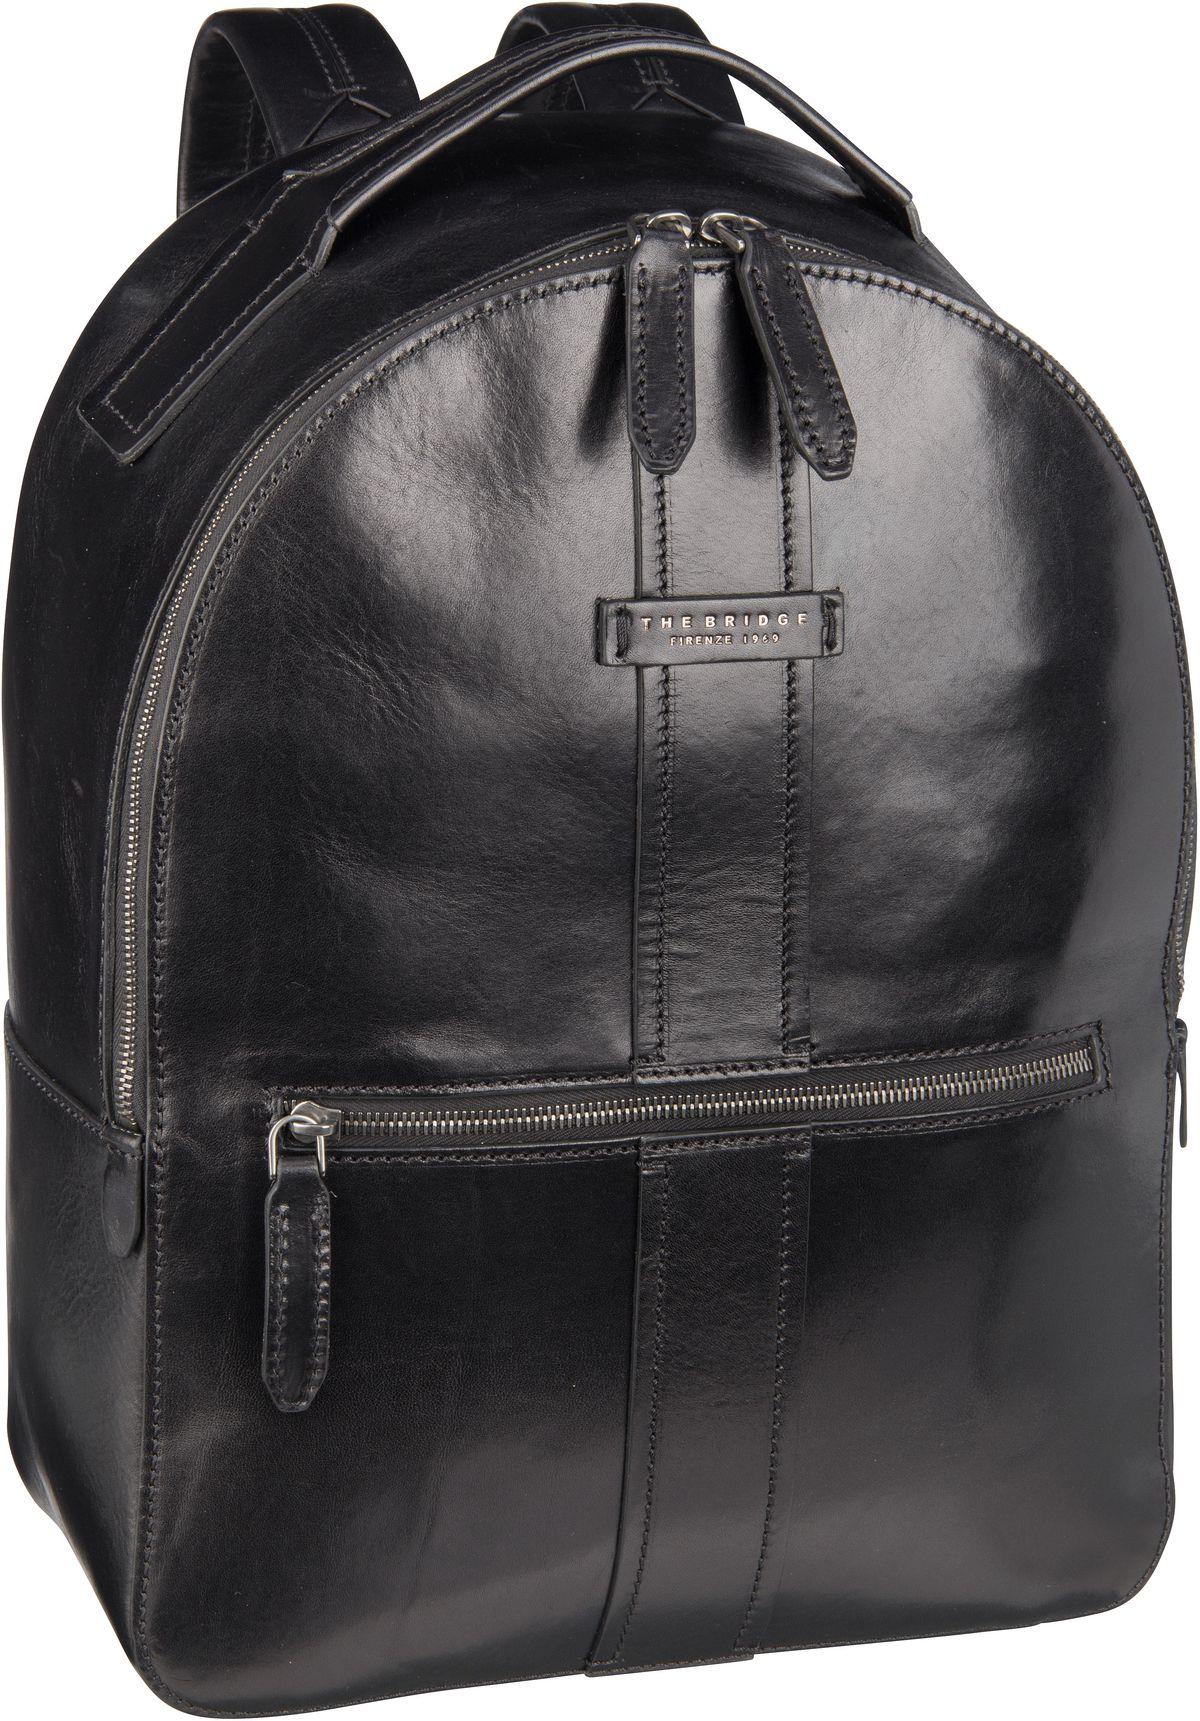 Rucksack / Daypack Trebbio Rucksack 5209 Nero/Rutenio